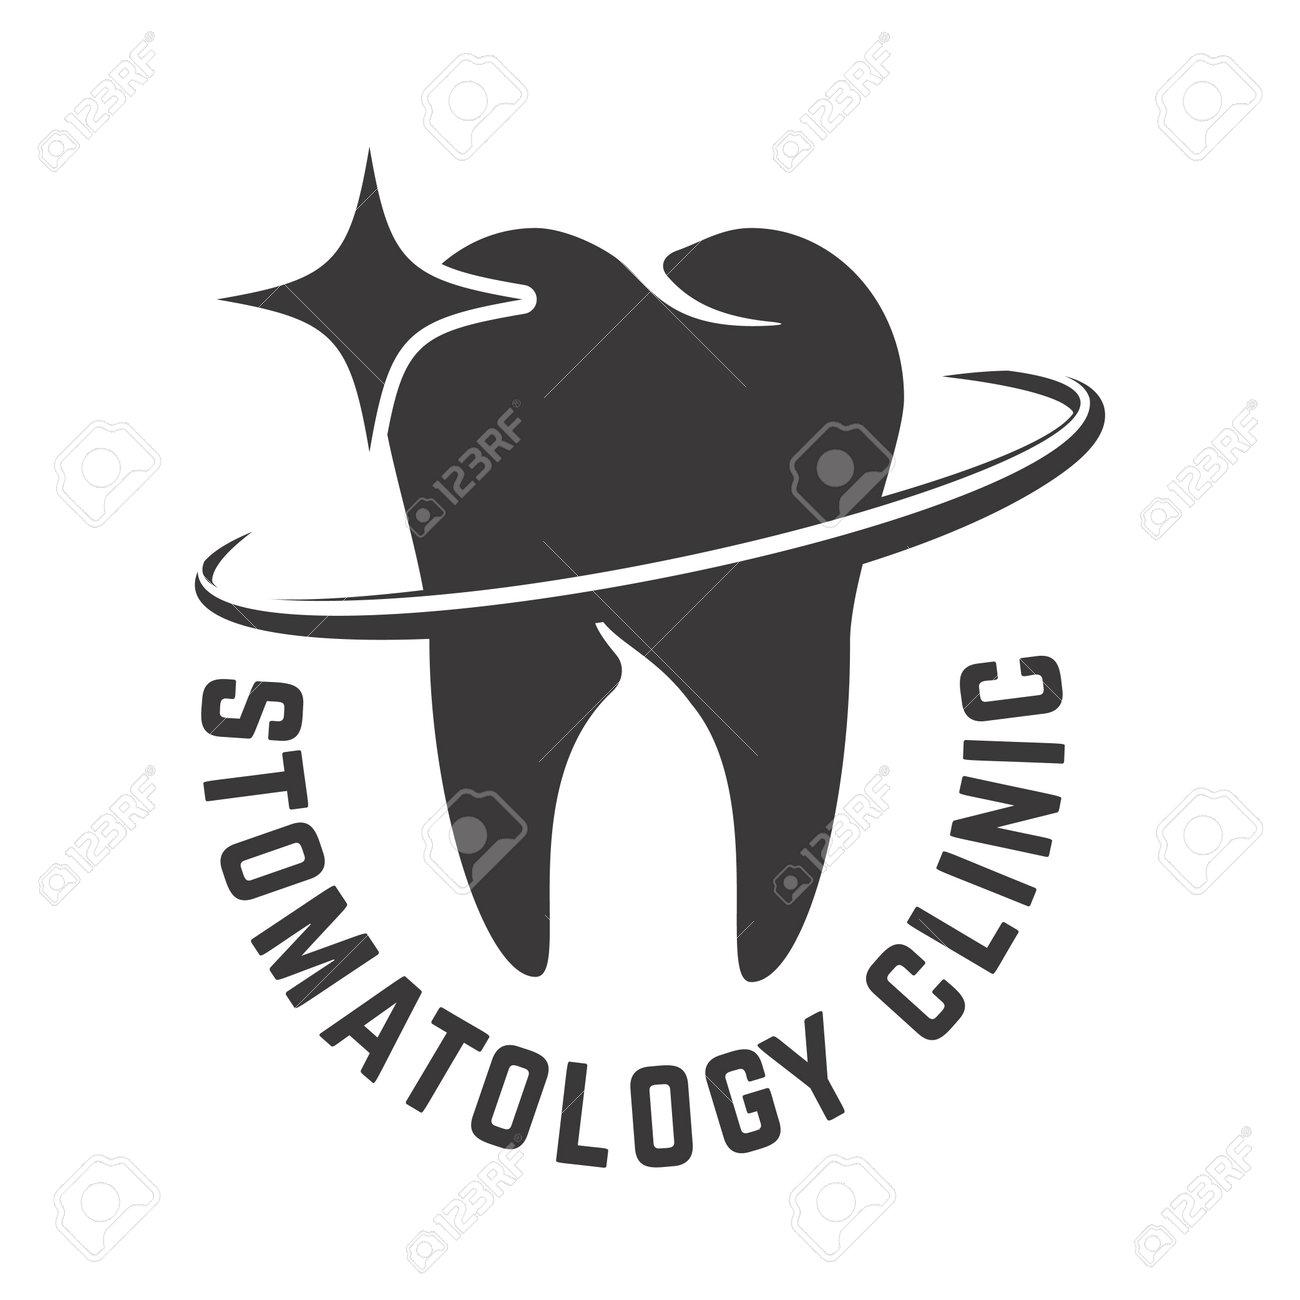 Dental clinic emblem template. Design element for poster, card, banner, sign. Vector illustration - 171212930